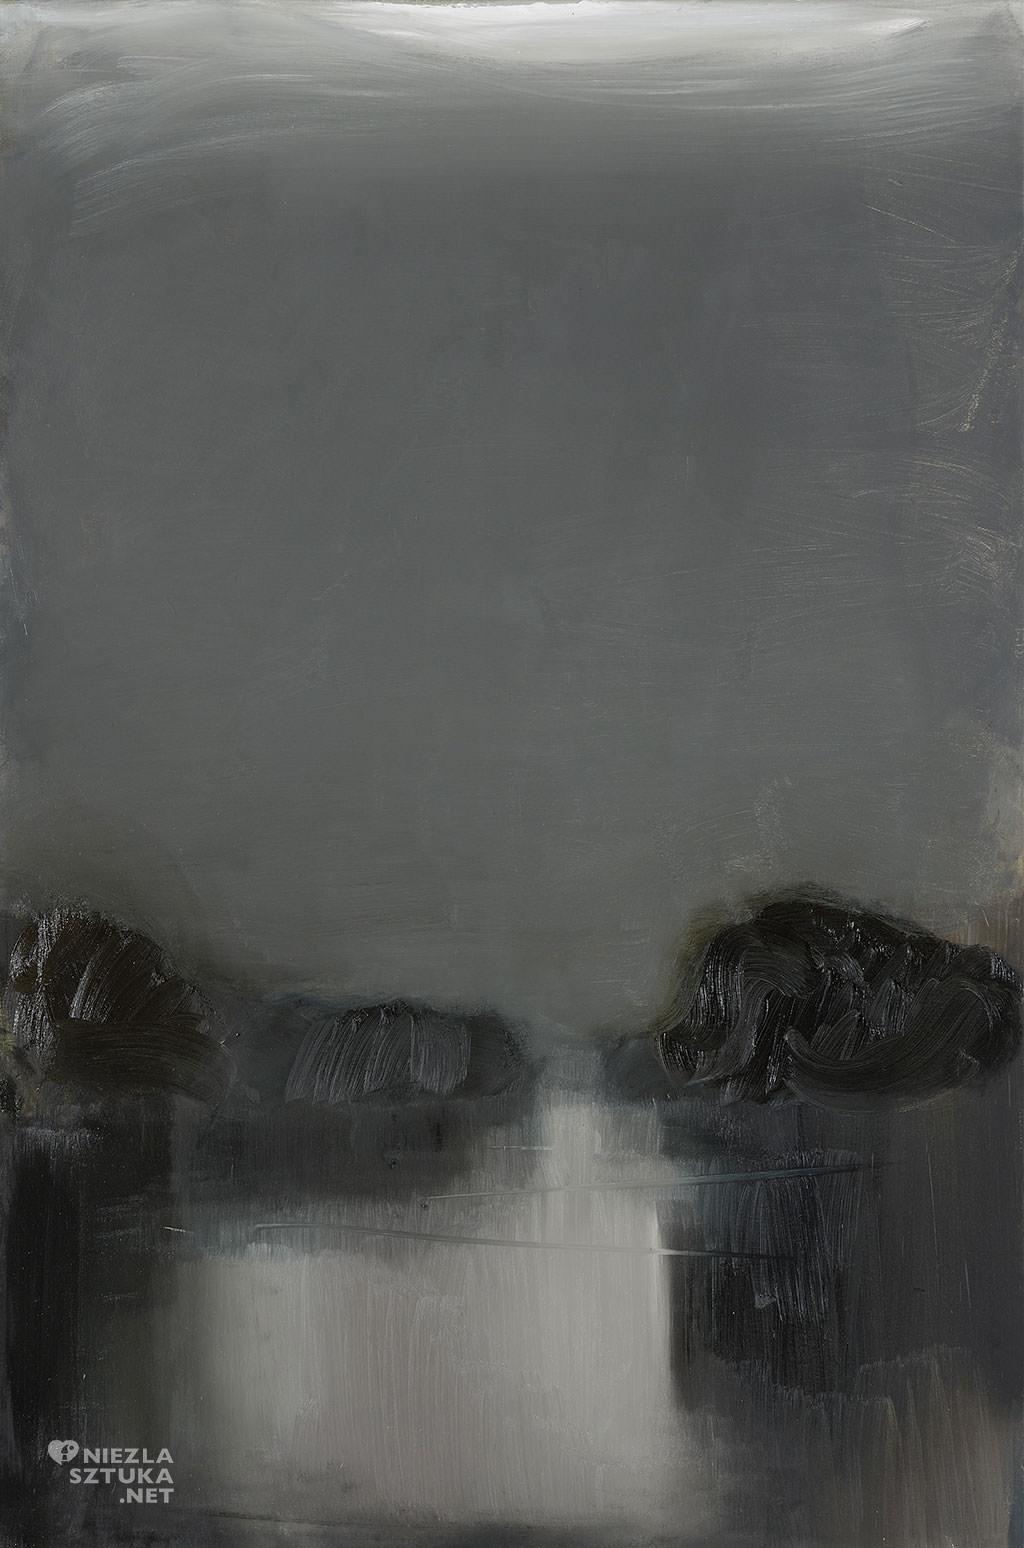 Stanisław Baj obrazy malarstwo portfolio Niezła sztuka